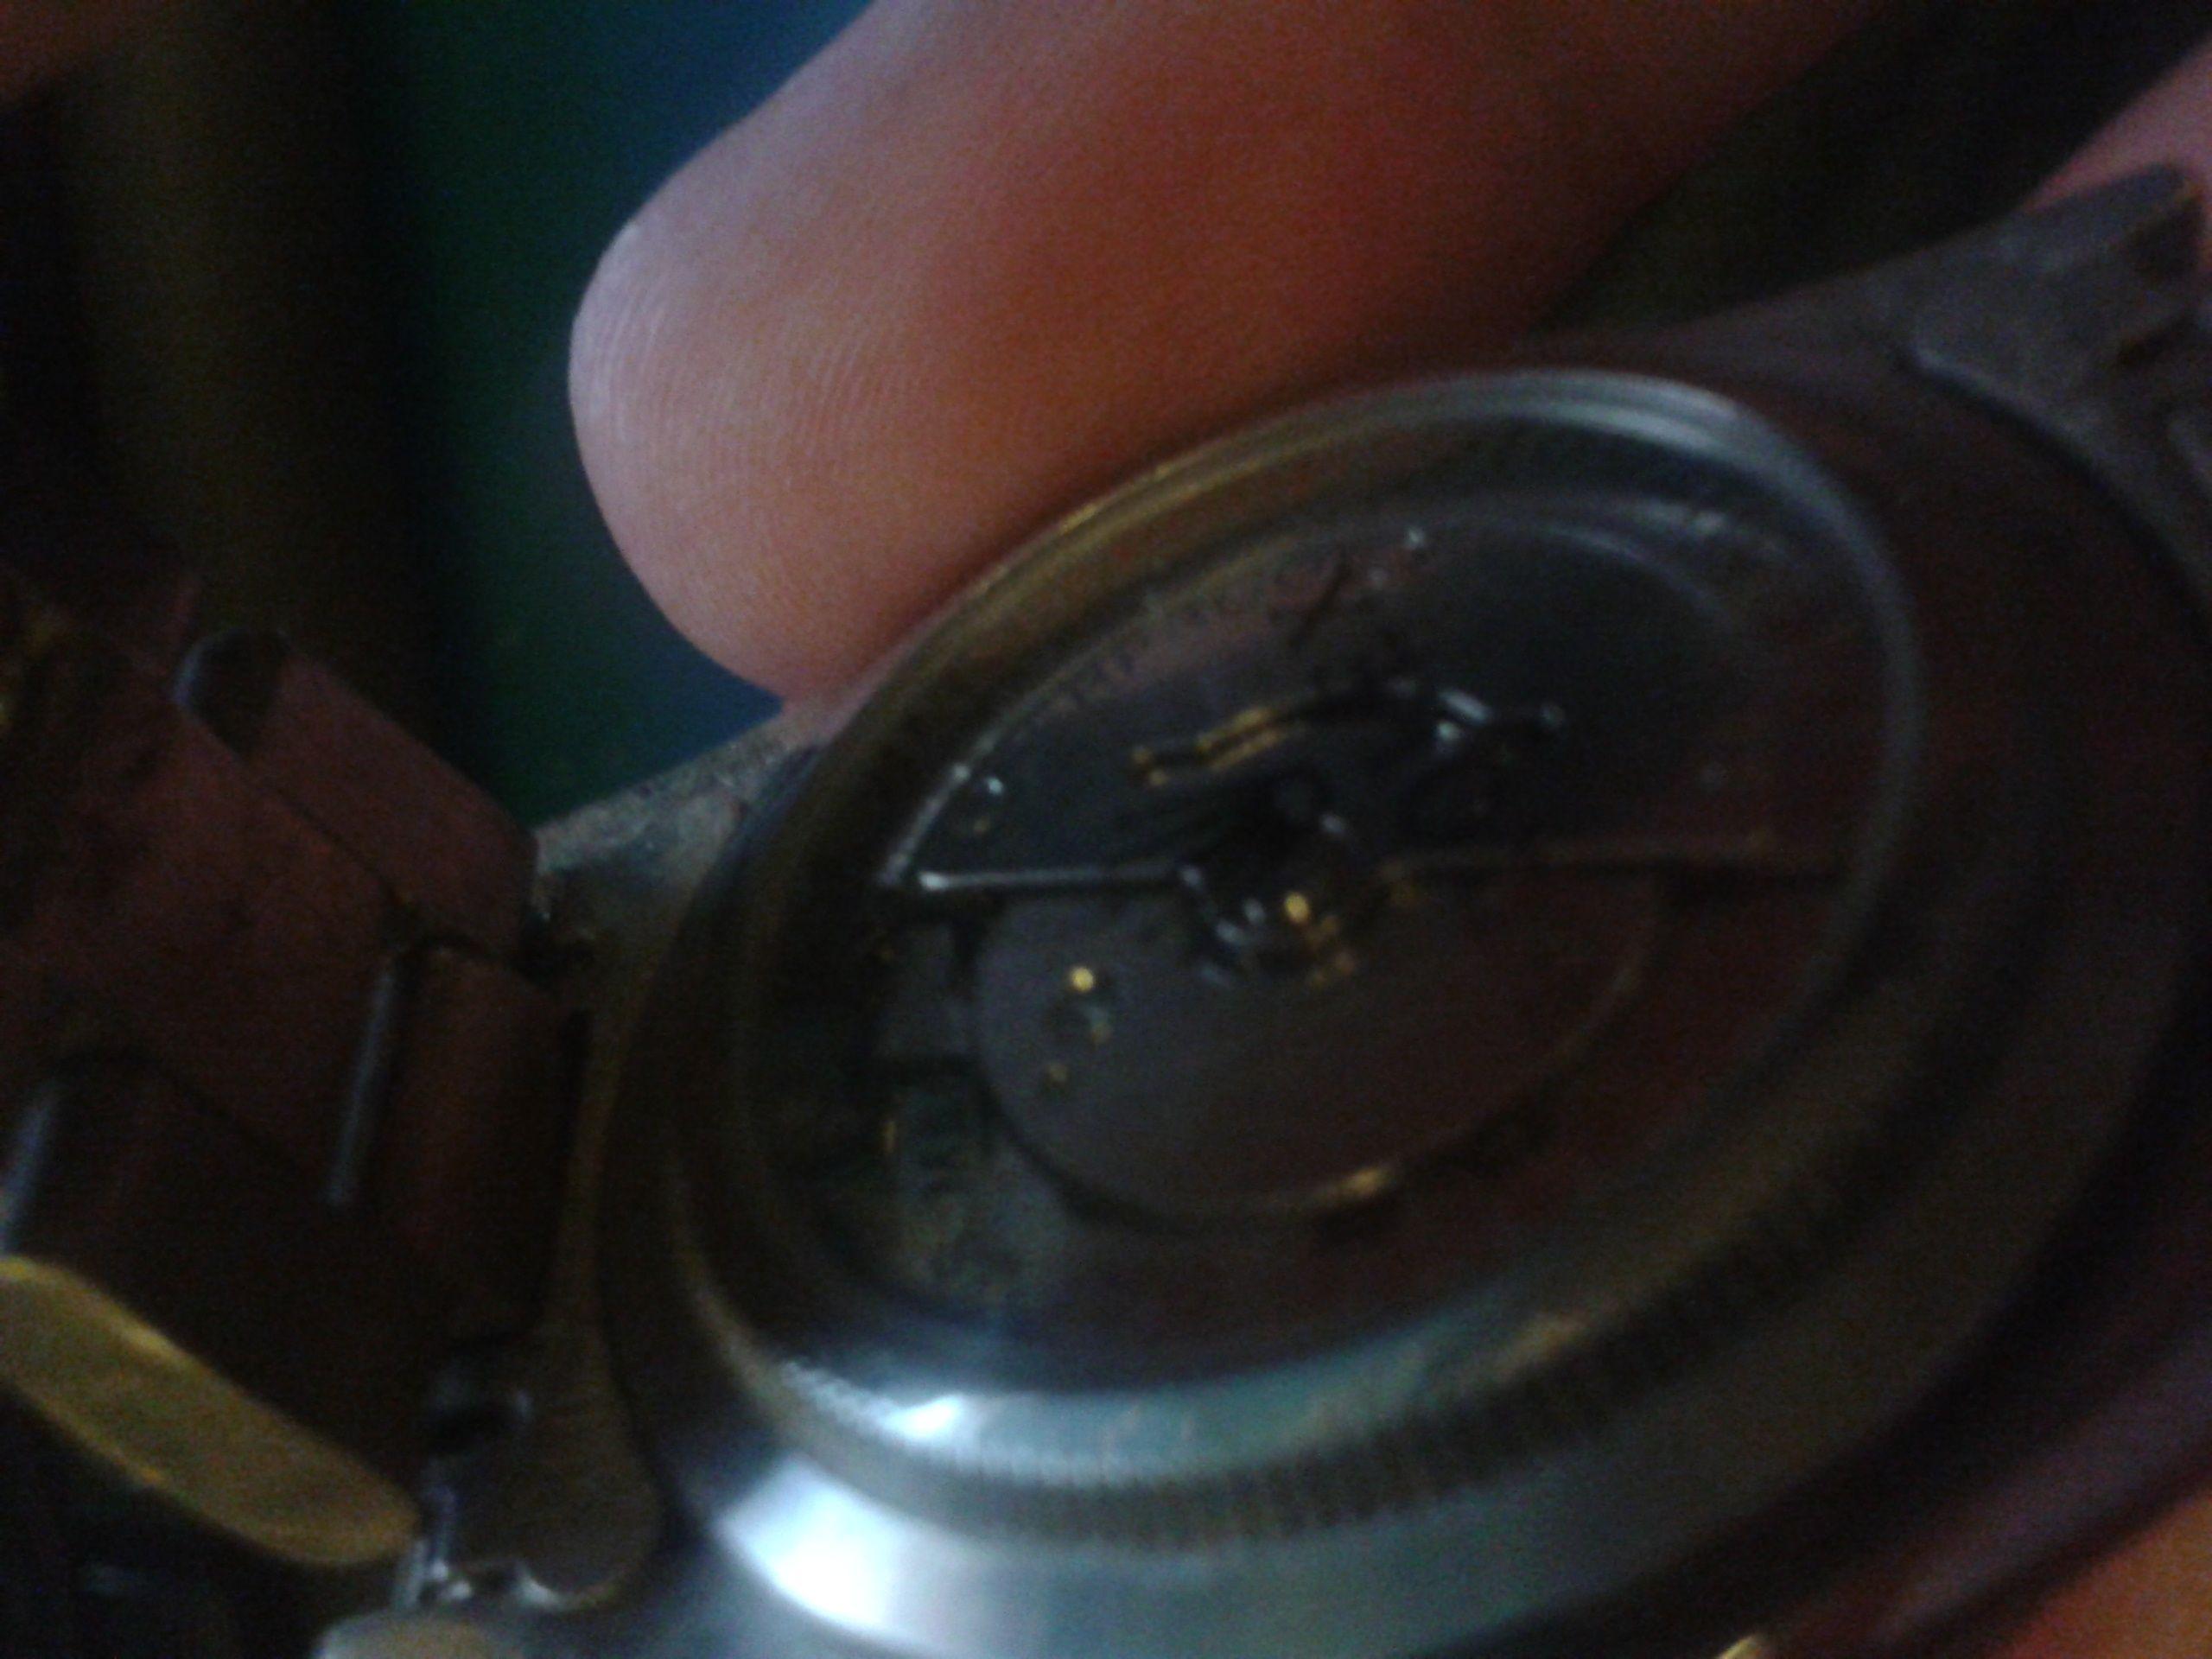 劳力士d12 settlnox62523m18 老款表现在能高清图片